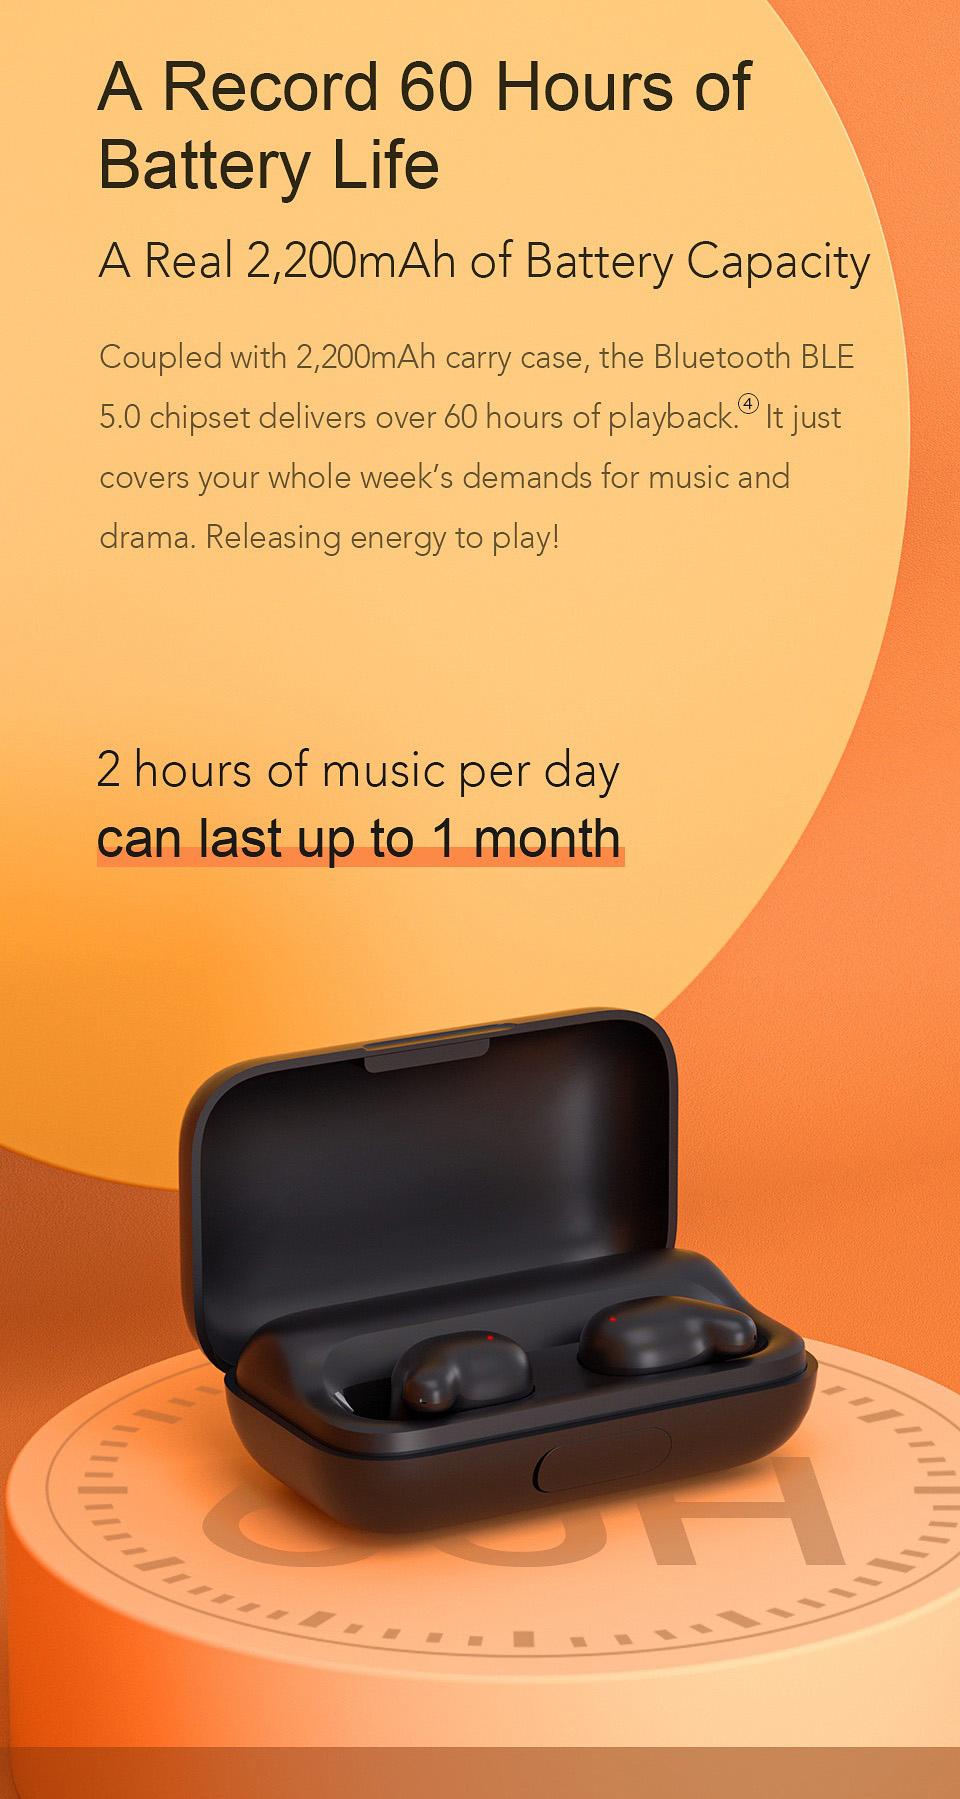 روزی 2 ساعت موسیقی گوش بدهید تا 1 ماه شارژ دارید